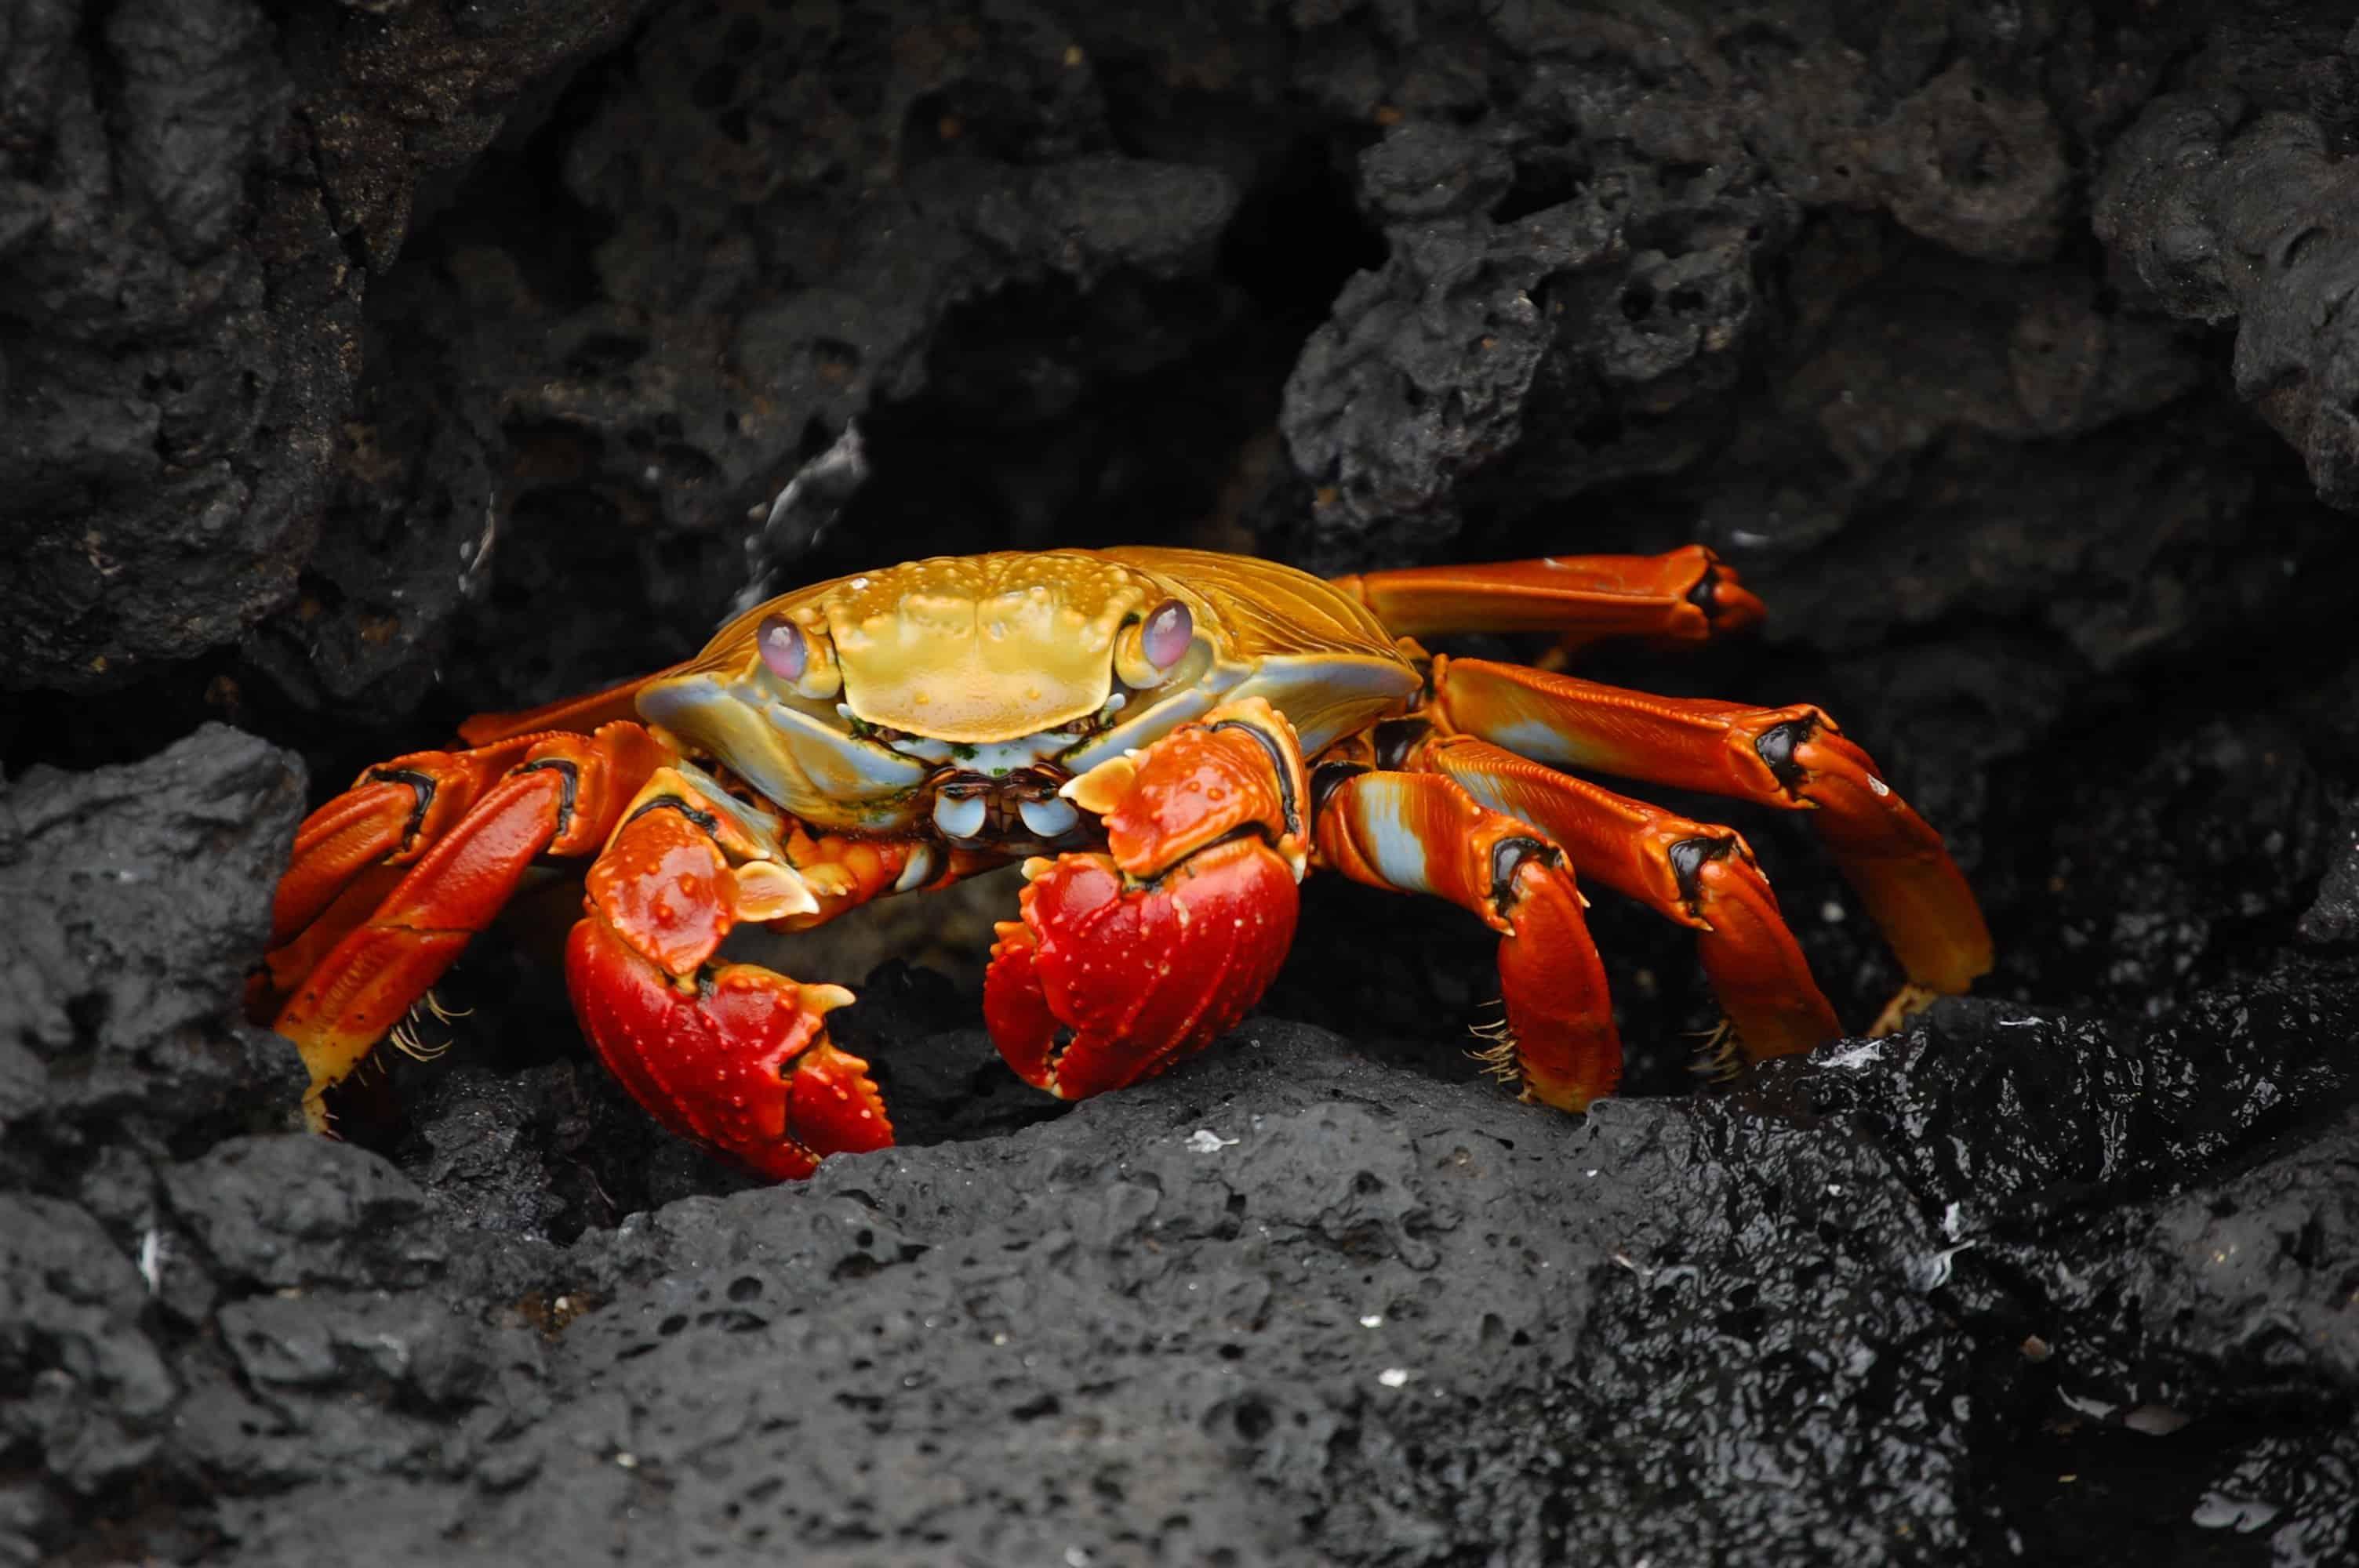 Grapsus Galapagos Islands